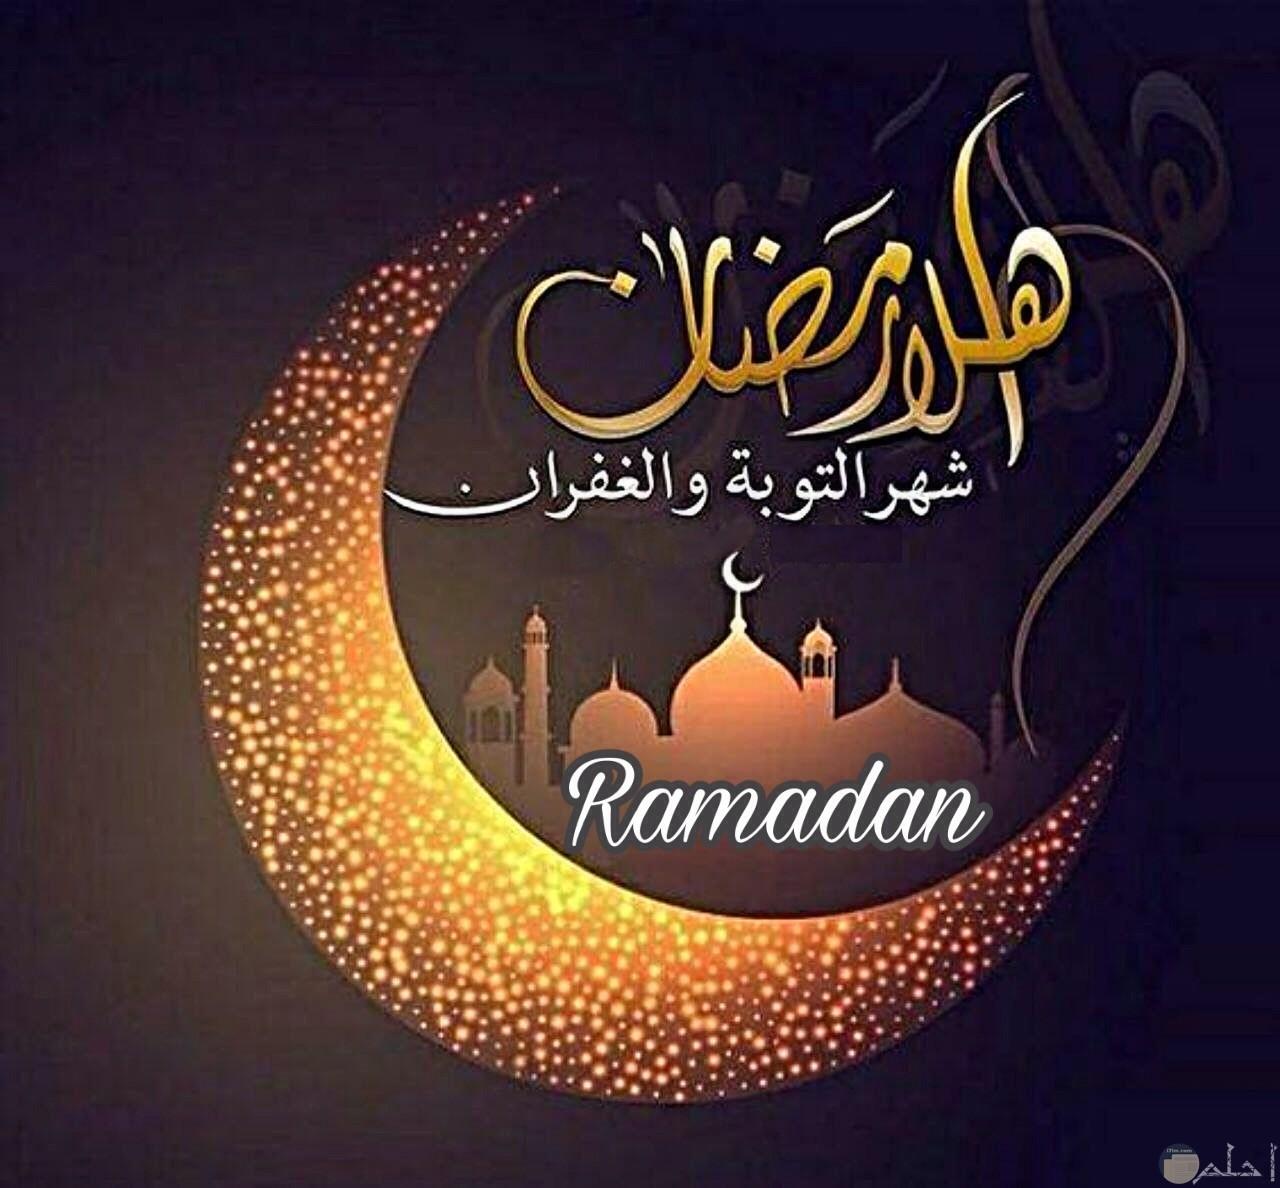 صورة هلال رمضان شهر الرحمة و الغفران.